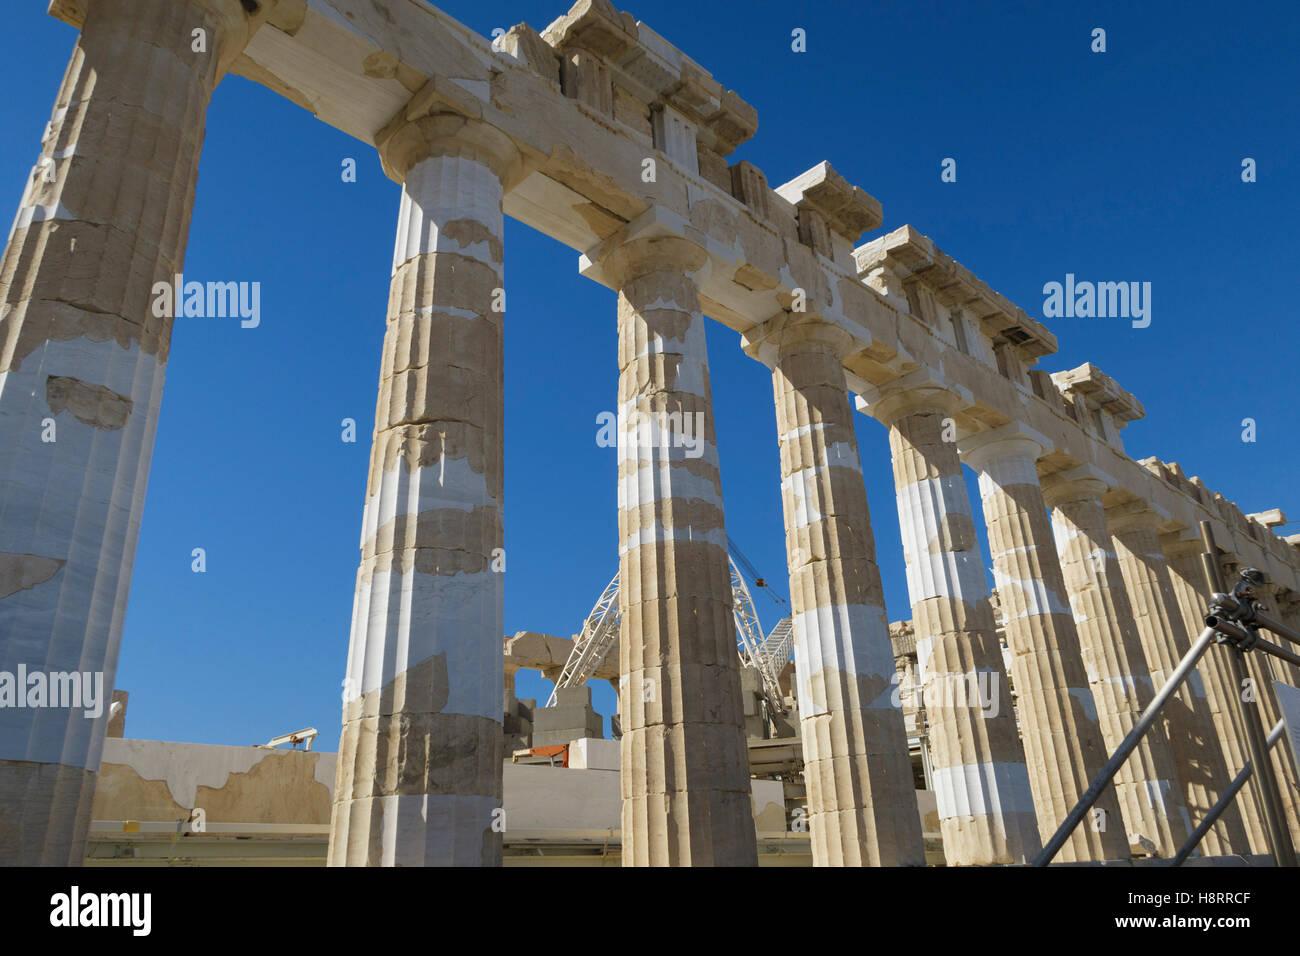 Parthenon at the Acropolis of Athens, Greece - Stock Image